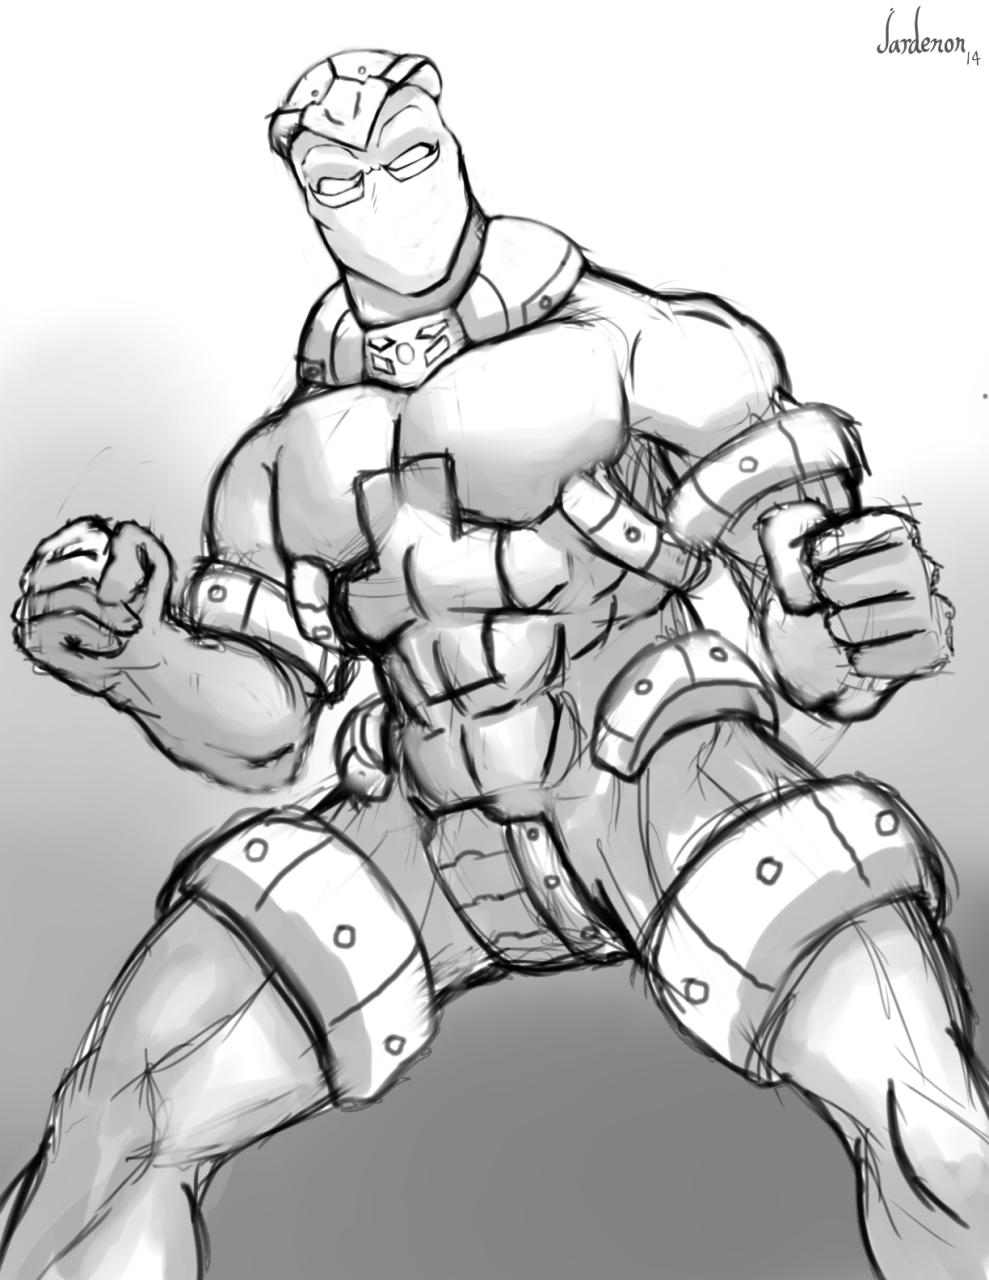 Anodyne Sketch